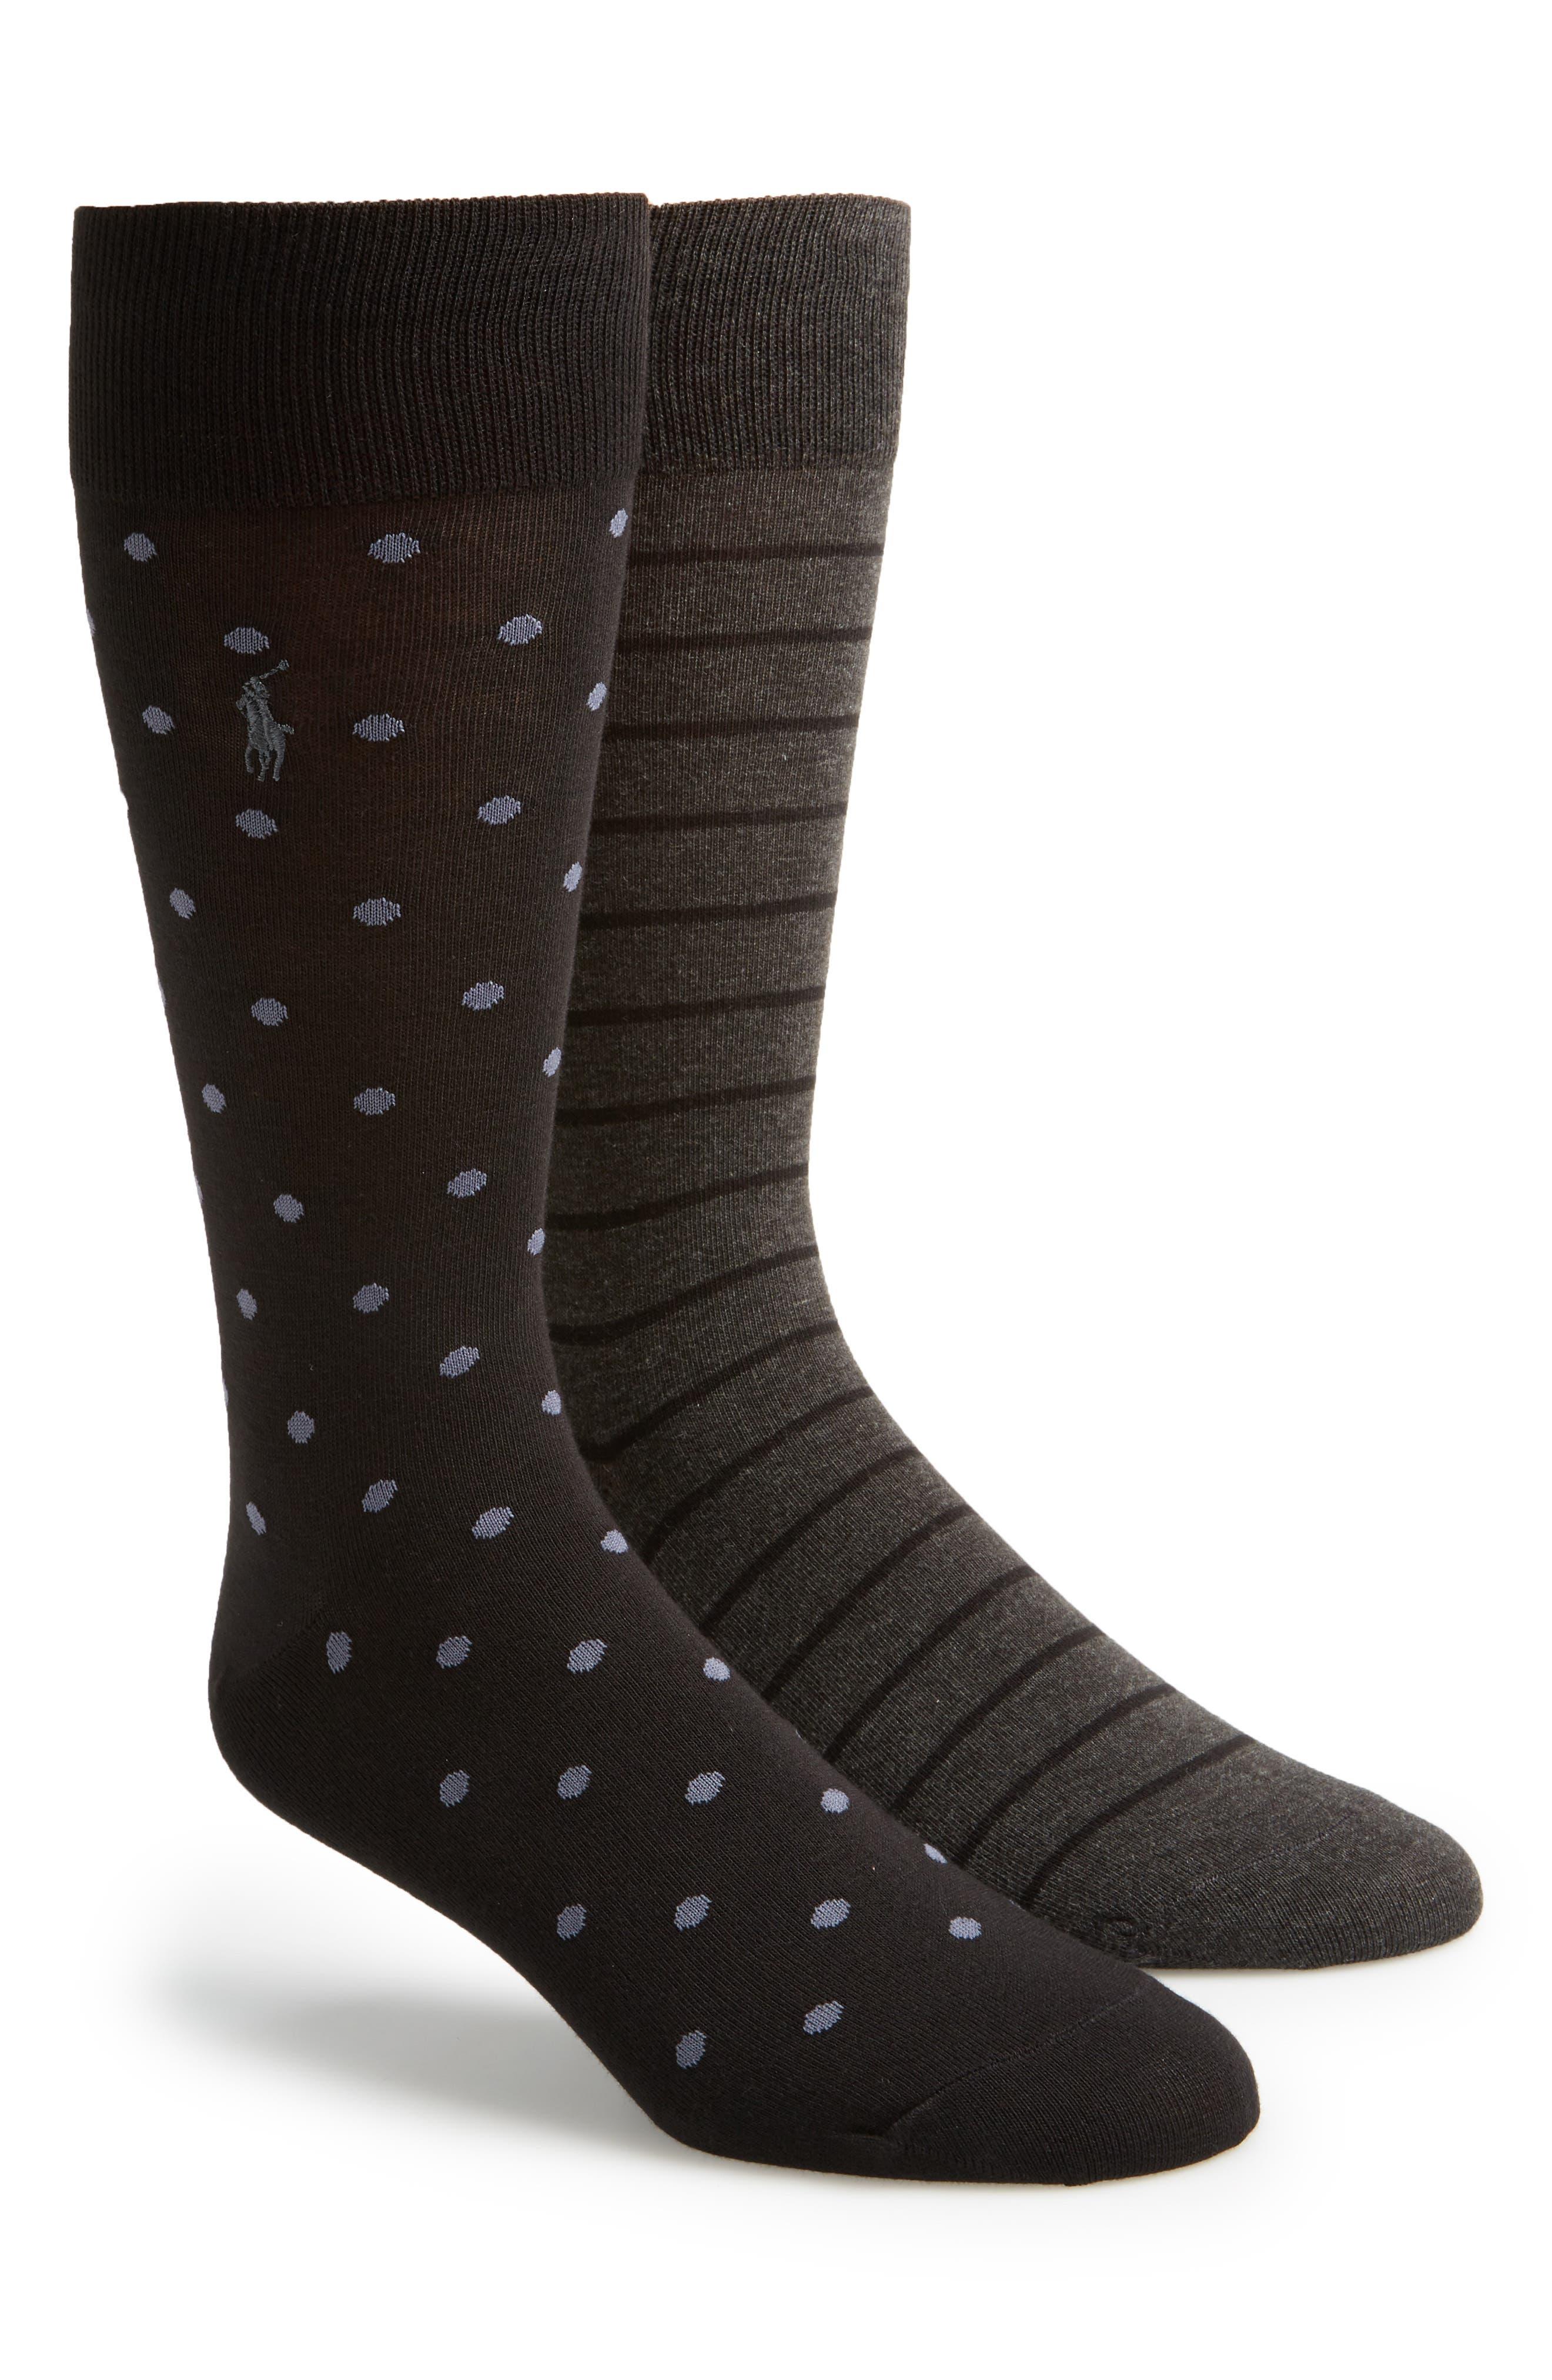 2-Pack Socks,                             Alternate thumbnail 2, color,                             011